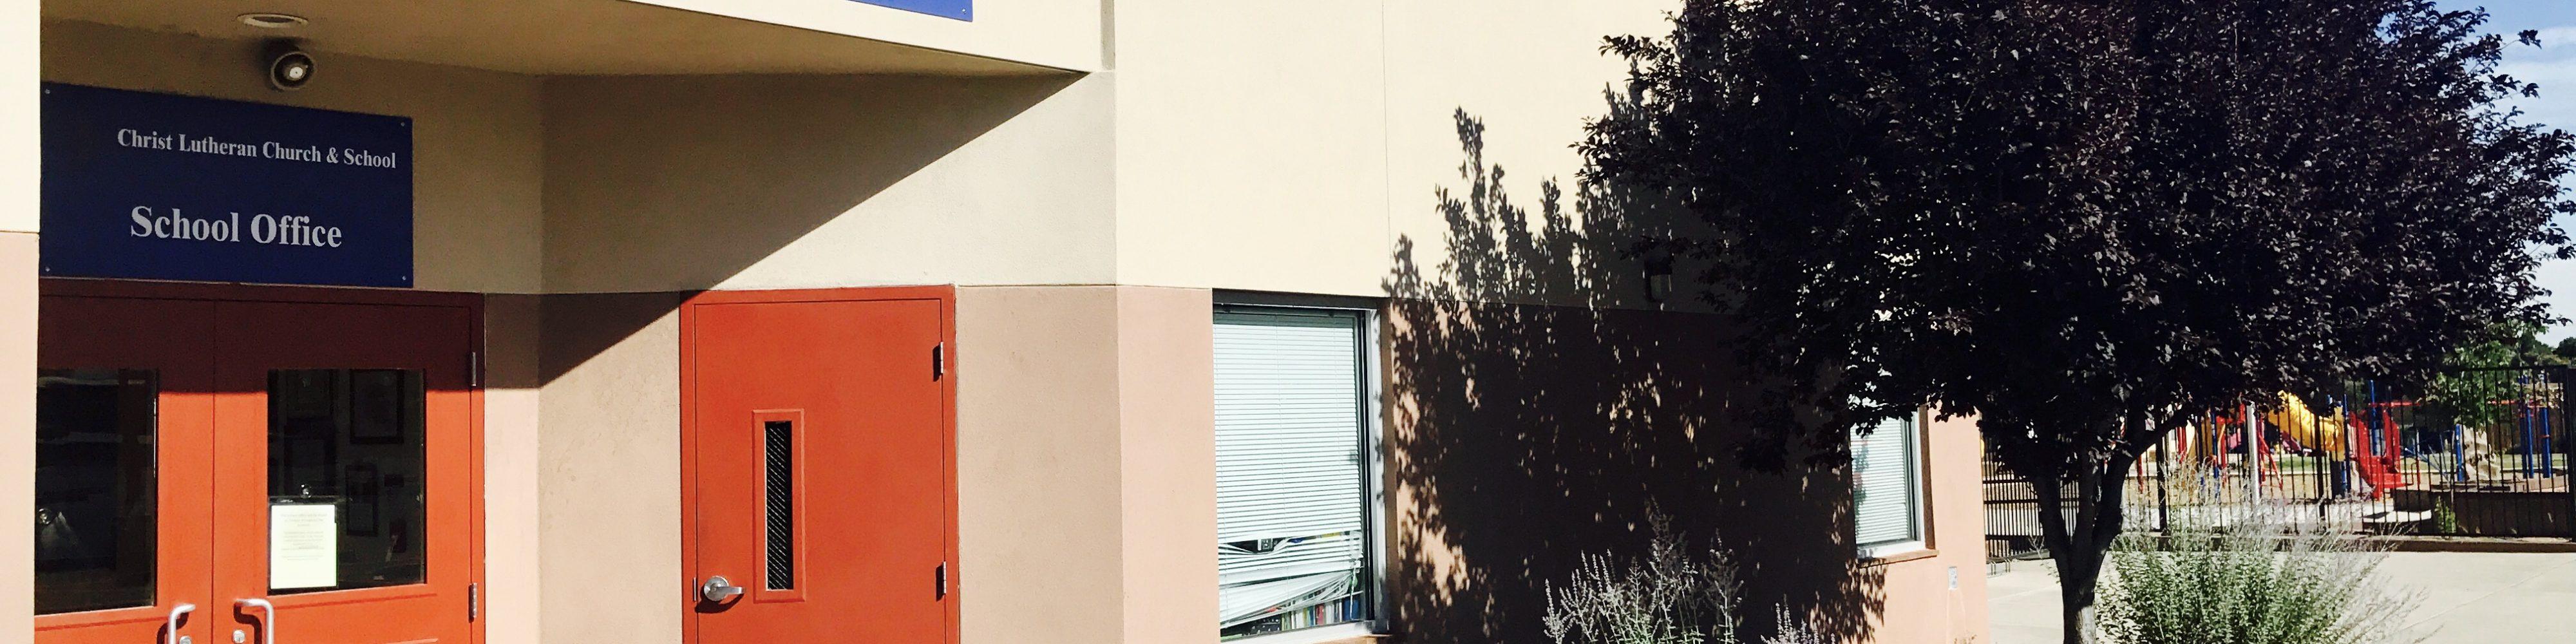 Albuquerque Christian School | Christ Lutheran School, Albuquerque, NM